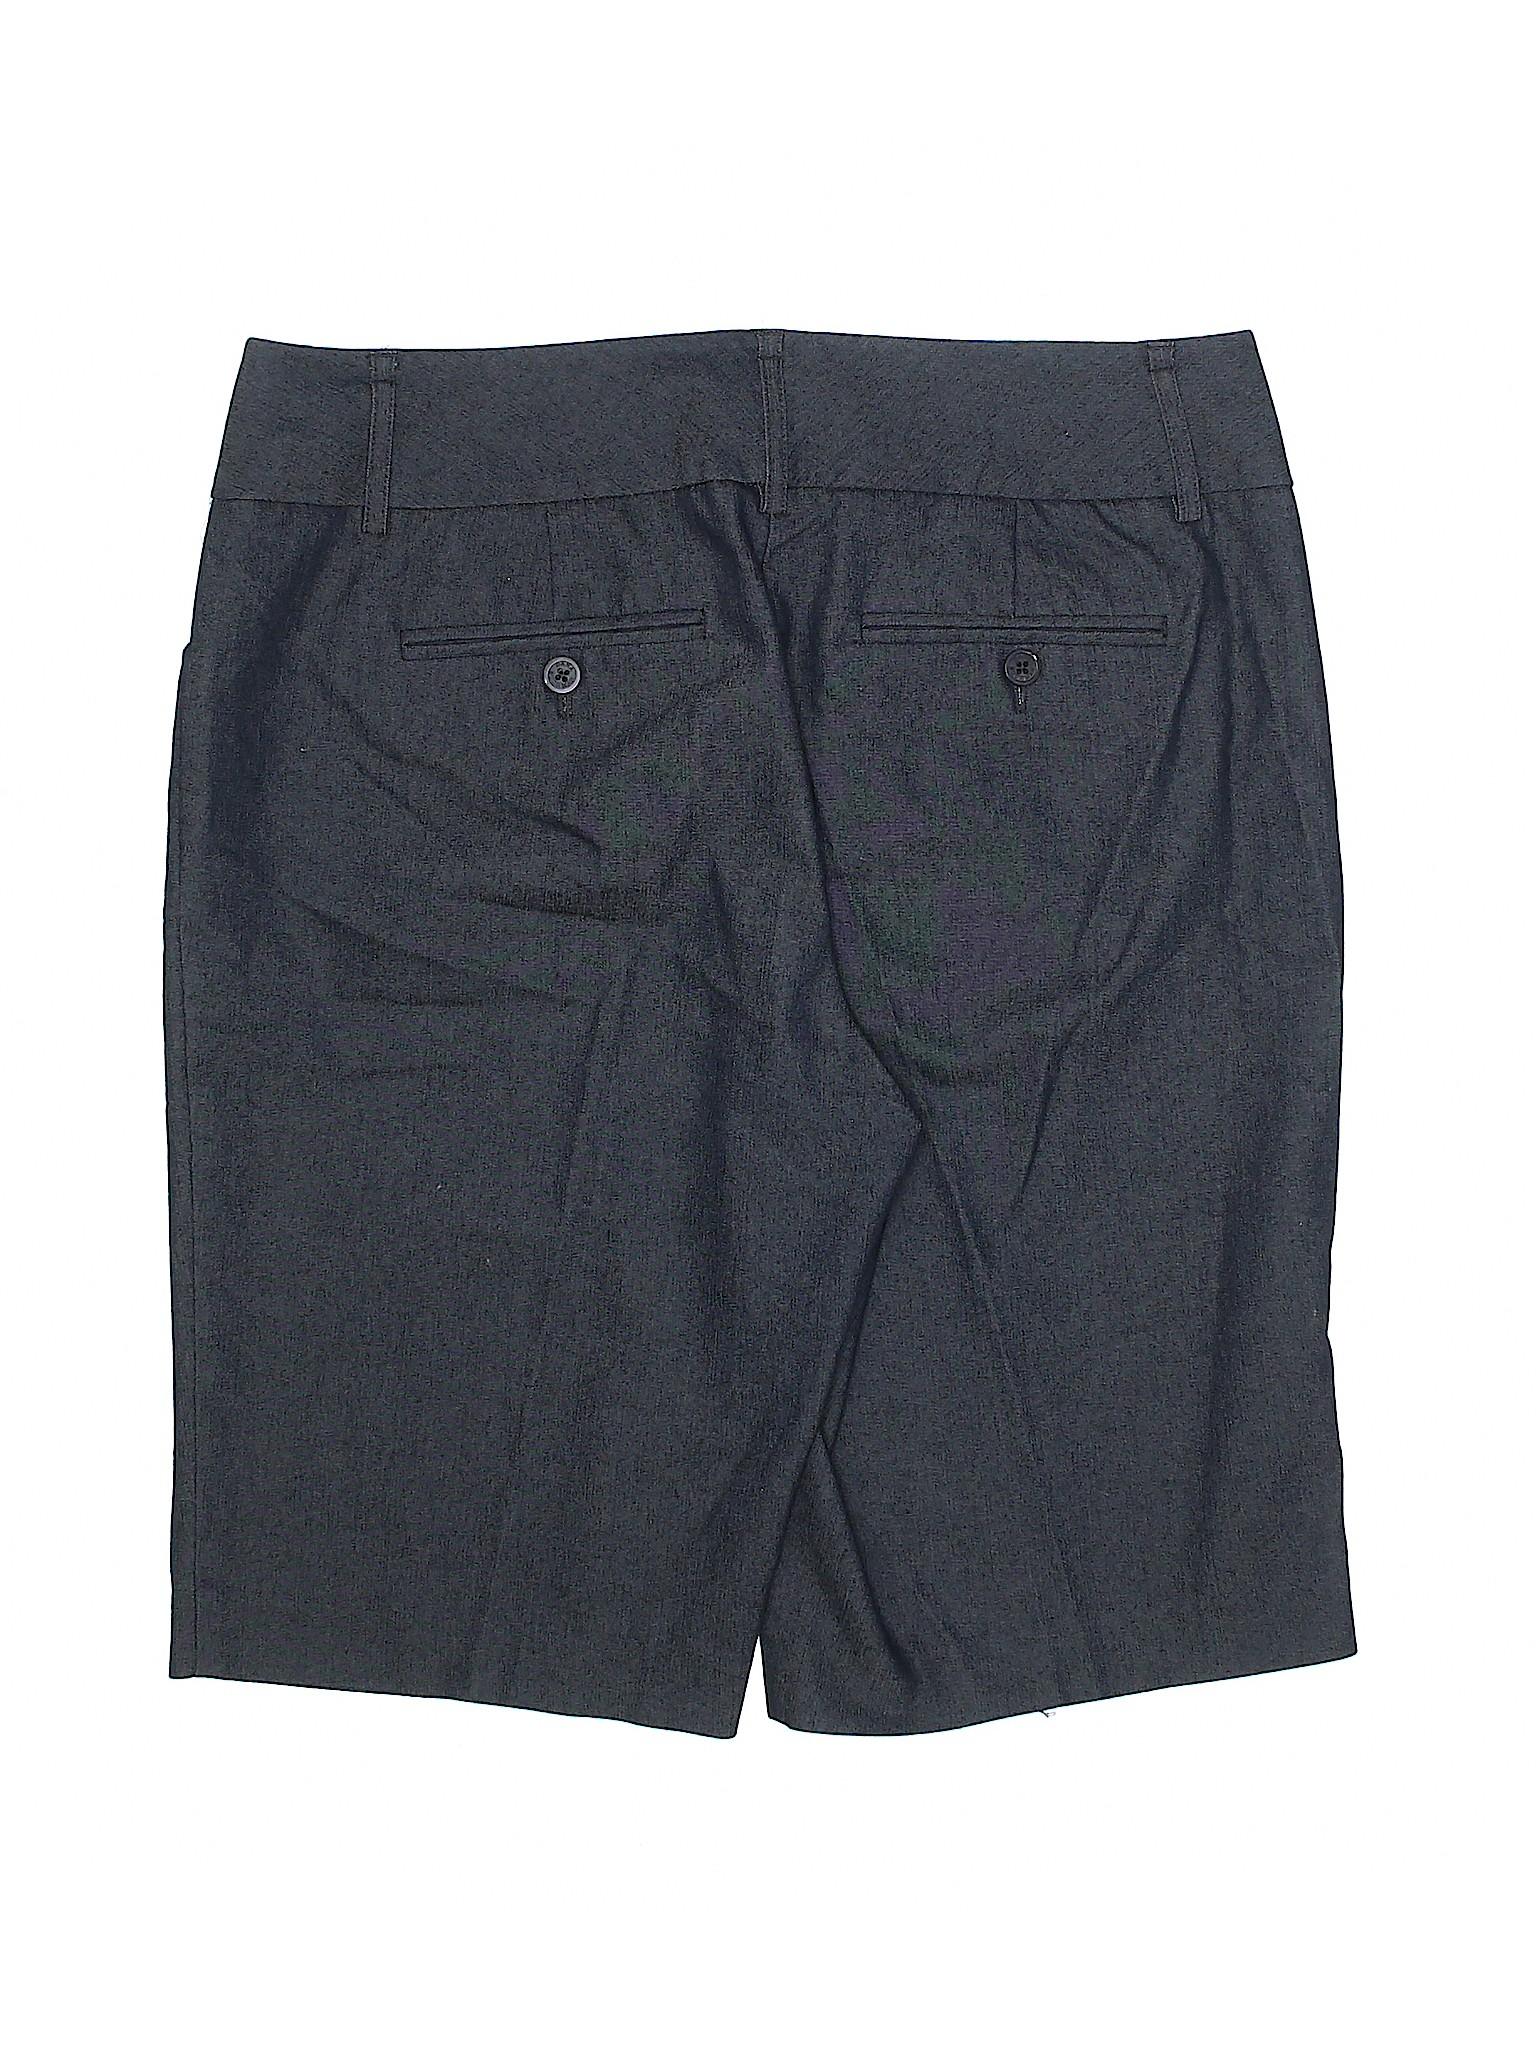 Buchman Dana Boutique Dana Boutique Shorts Khaki nYwCEzqF